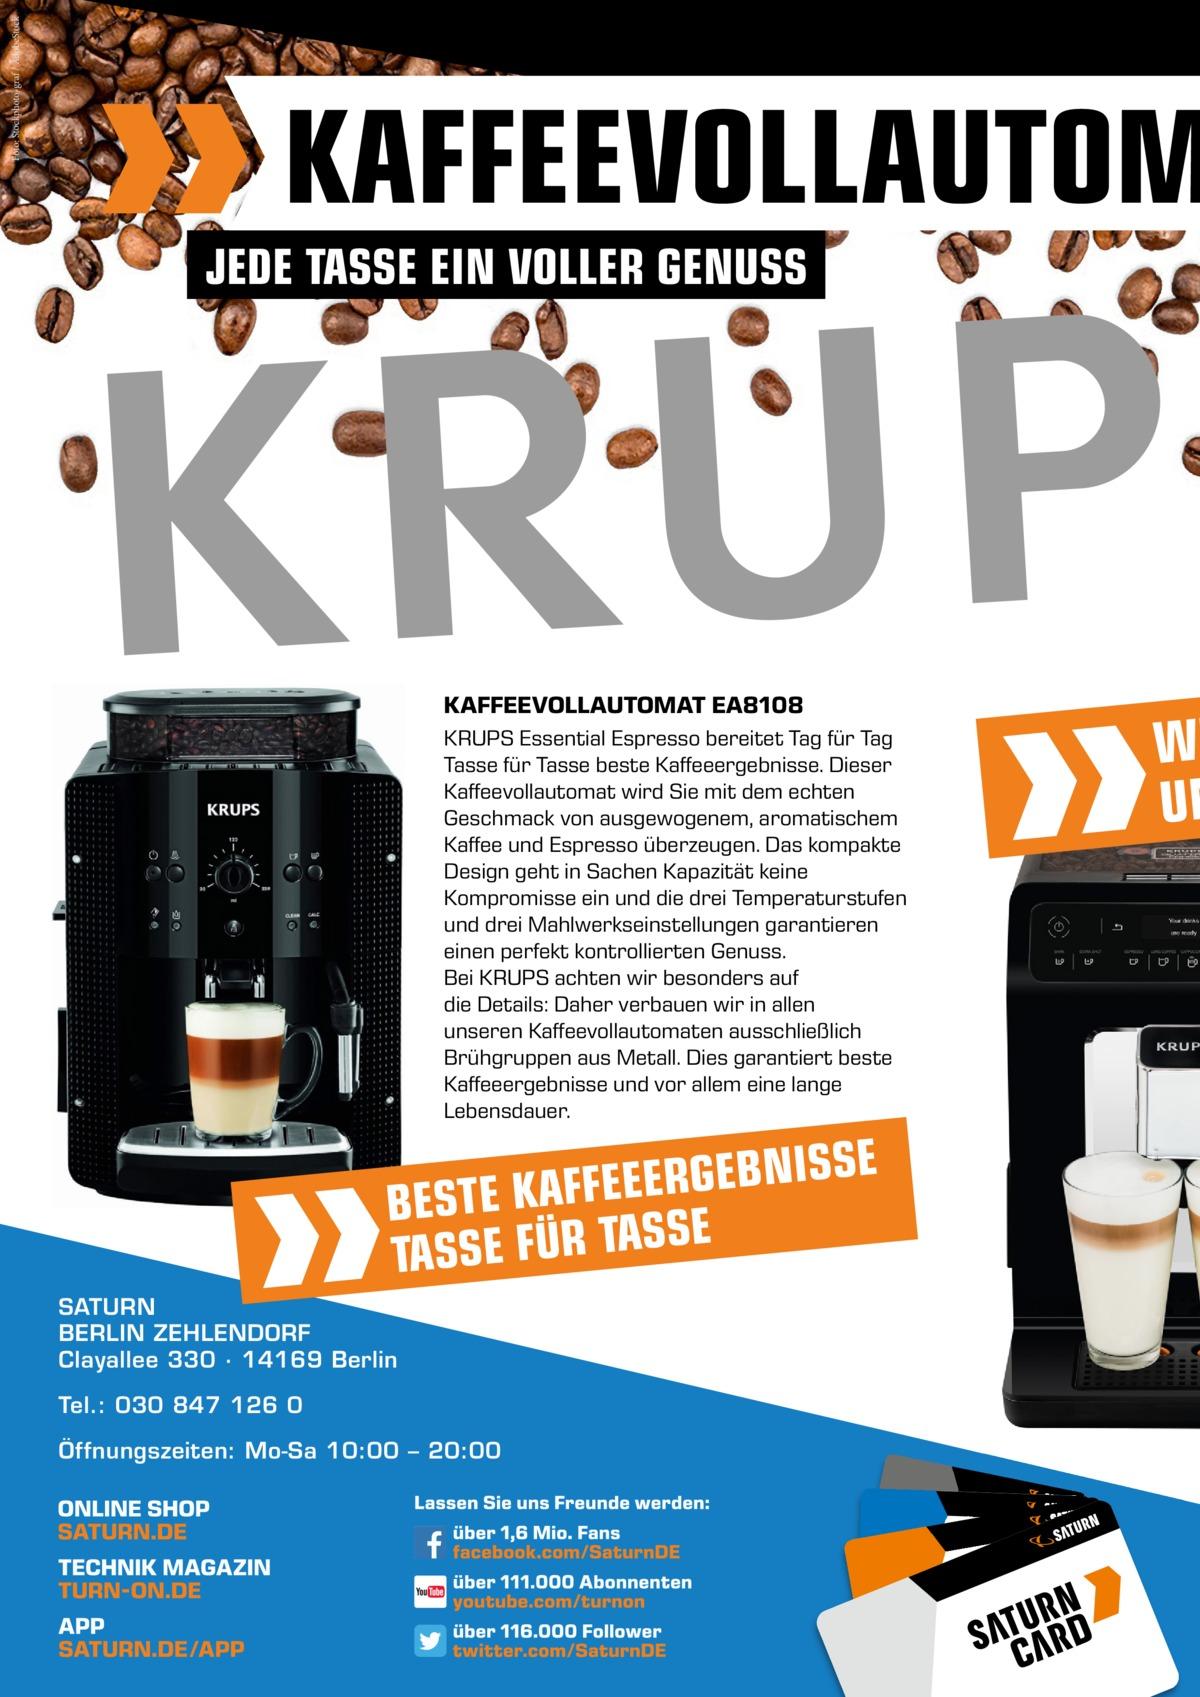 Foto: Stockphoto-graf / AdobeStock  KAFFEEVOLLAUTOM JEDE TASSE EIN VOLLER GENUSS  KAFFEEVOLLAUTOMAT EA8108 KRUPS Essential Espresso bereitet Tag für Tag Tasse für Tasse beste Kaffeeergebnisse. Dieser Kaffeevollautomat wird Sie mit dem echten Geschmack von ausgewogenem, aromatischem Kaffee und Espresso überzeugen. Das kompakte Design geht in Sachen Kapazität keine Kompromisse ein und die drei Temperaturstufen und drei Mahlwerkseinstellungen garantieren einen perfekt kontrollierten Genuss. Bei KRUPS achten wir besonders auf die Details: Daher verbauen wir in allen unseren Kaffeevollautomaten ausschließlich Brühgruppen aus Metall. Dies garantiert beste Kaffeeergebnisse und vor allem eine lange Lebensdauer.  E S S I N B E G R E E E BESTE KAFF SE TASSE FÜR TAS SATURN BERLIN ZEHLENDORF Clayallee 330 ∙ 14169Berlin Tel.: 030 847 126 0 Öffnungszeiten: Mo-Sa 10:00 – 20:00  WE UN